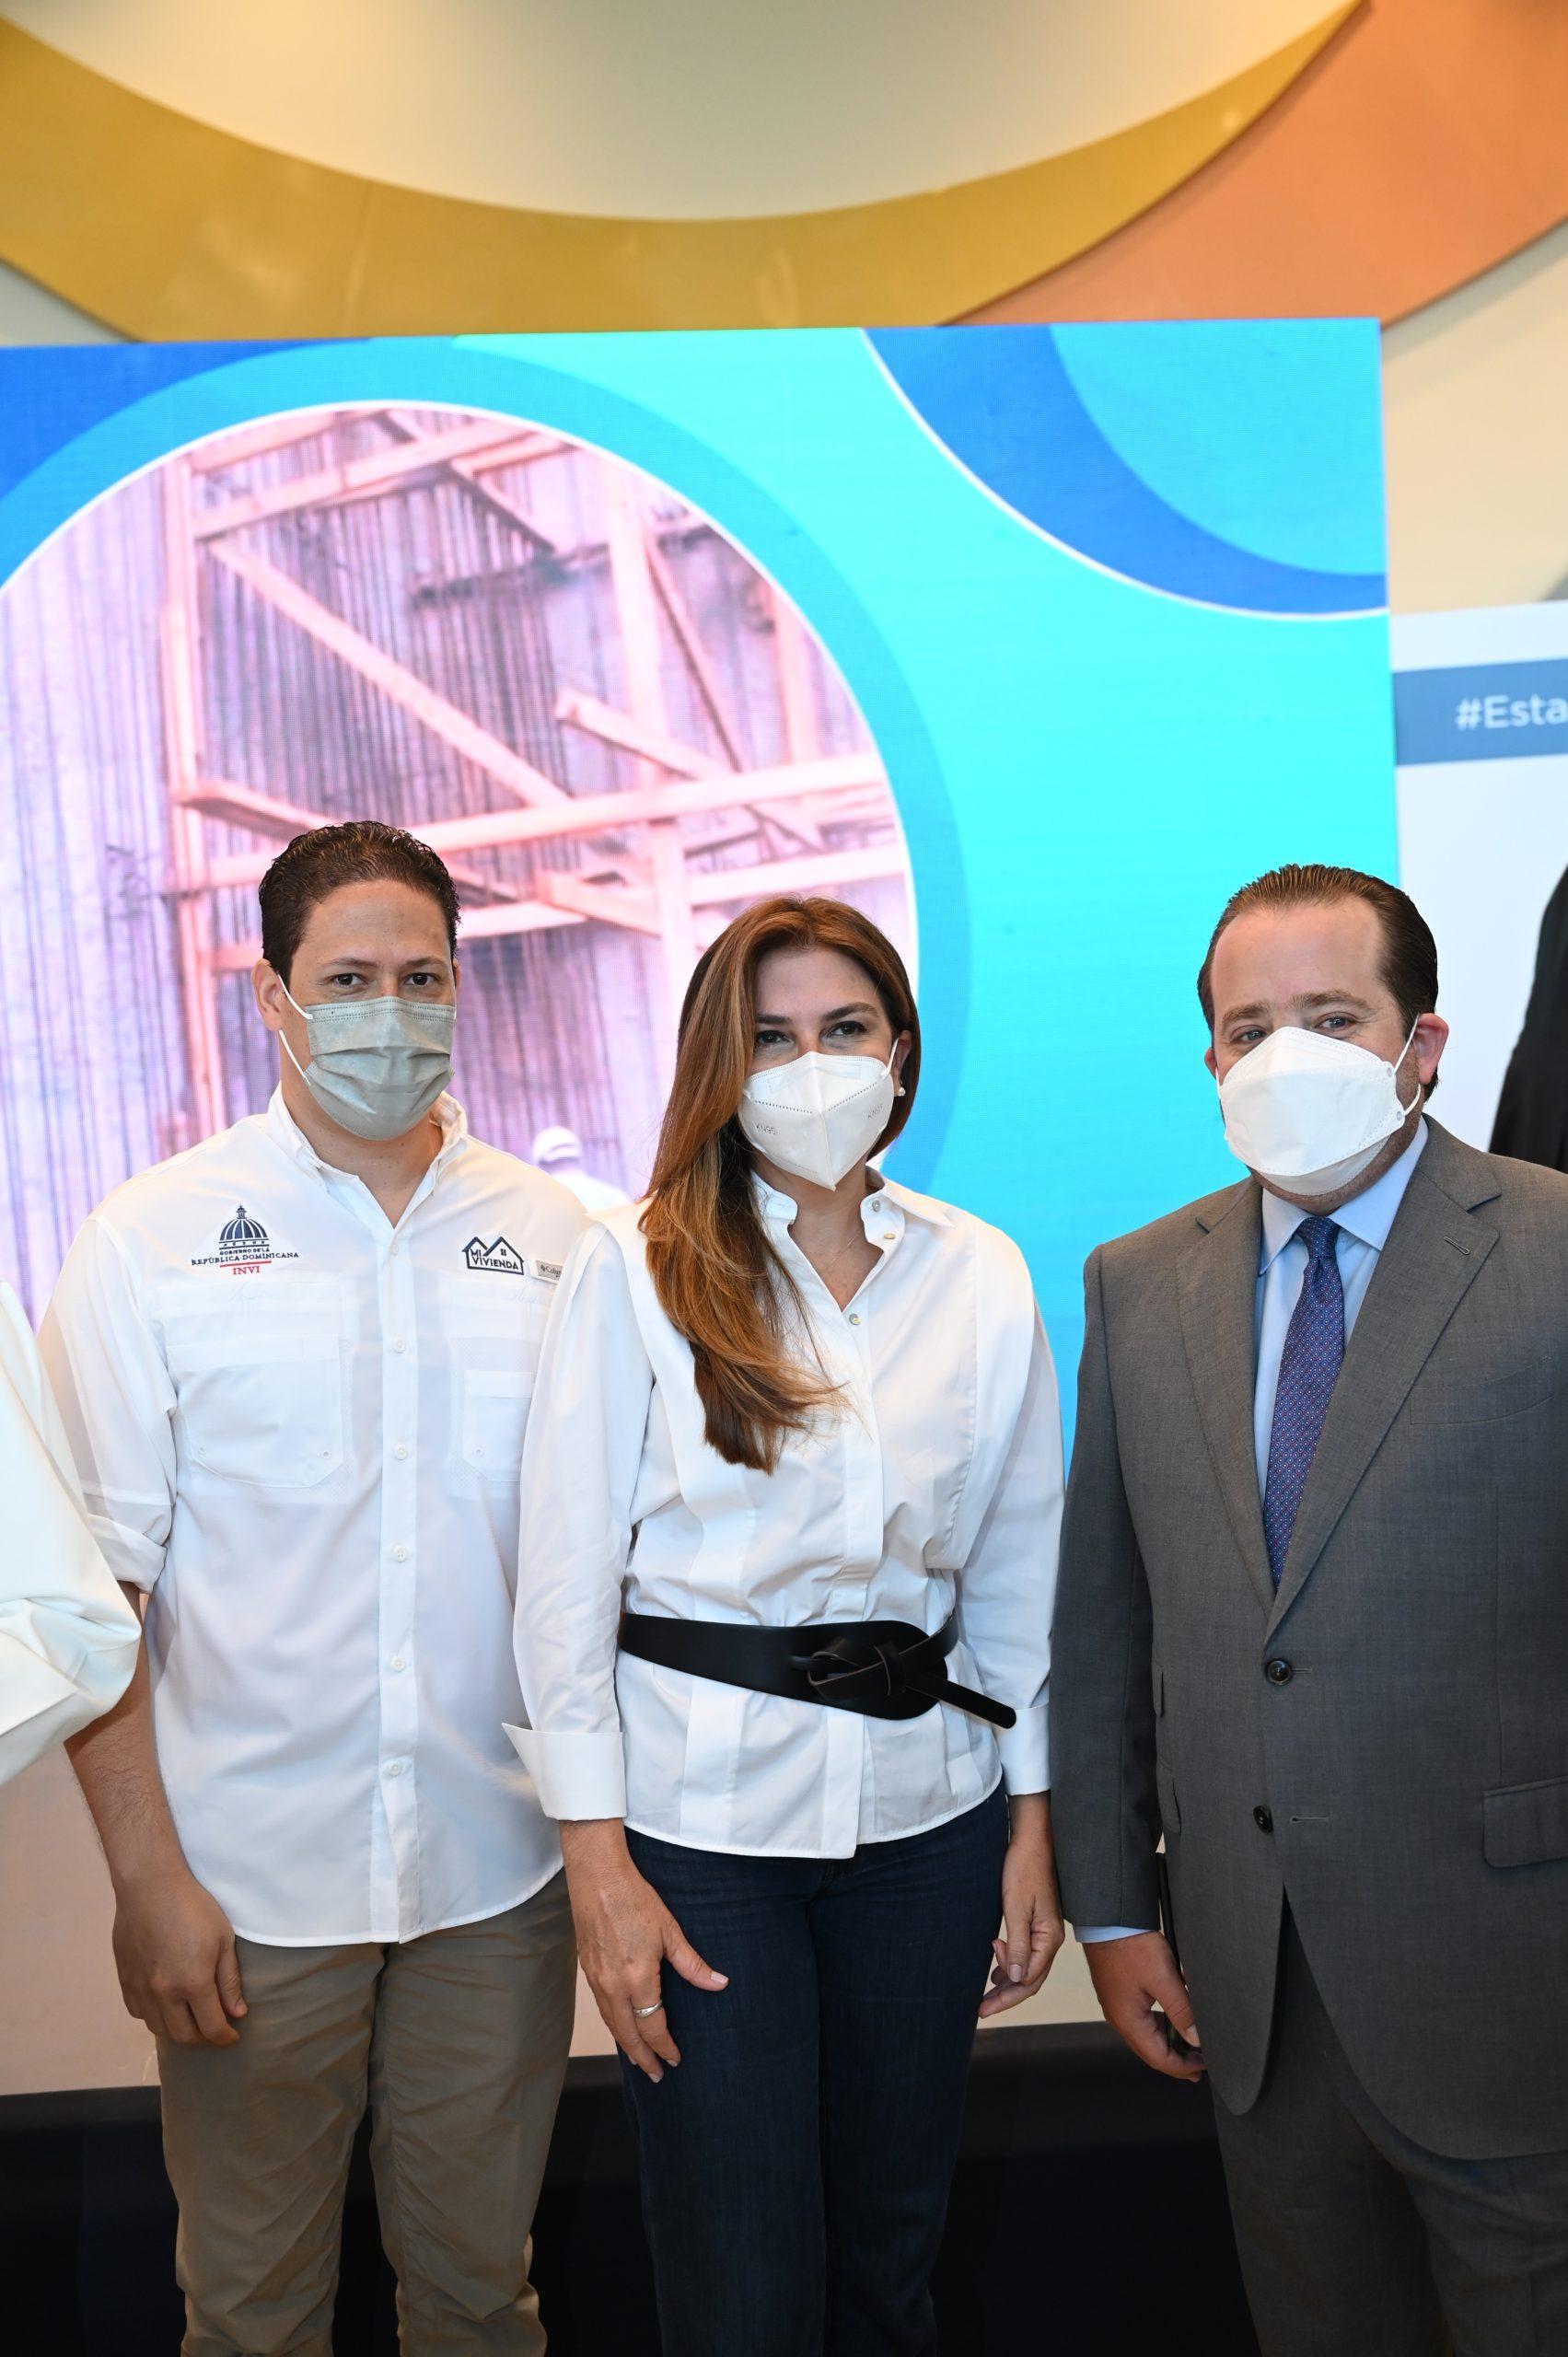 Carlos Bonilla, Carolina Mejia y Jose Paliza